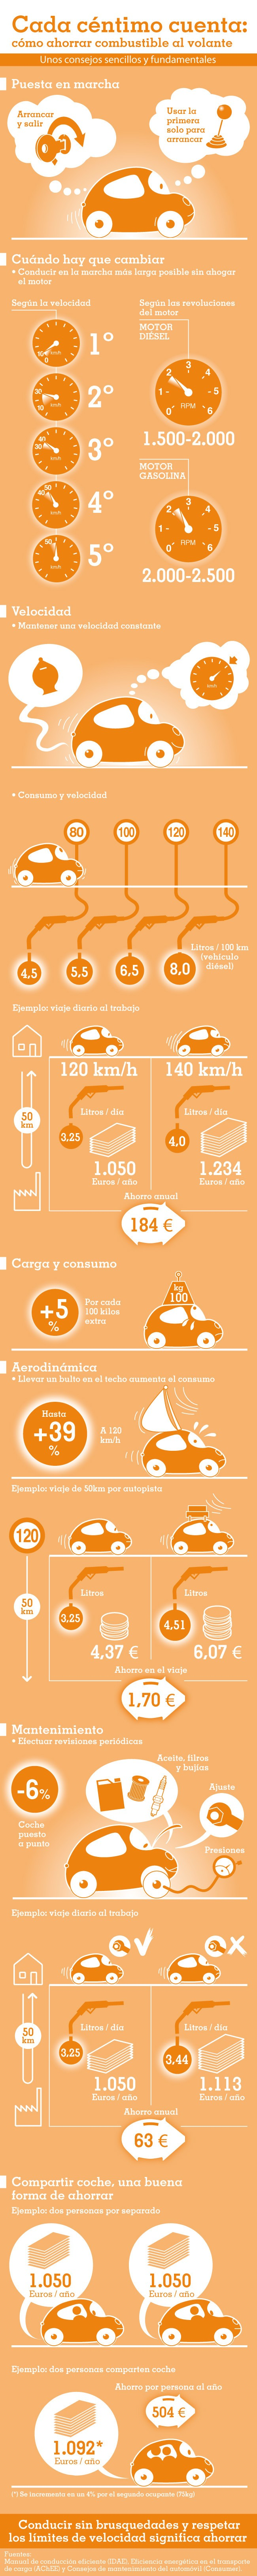 Conducción eficiente para ahorrar gasolina